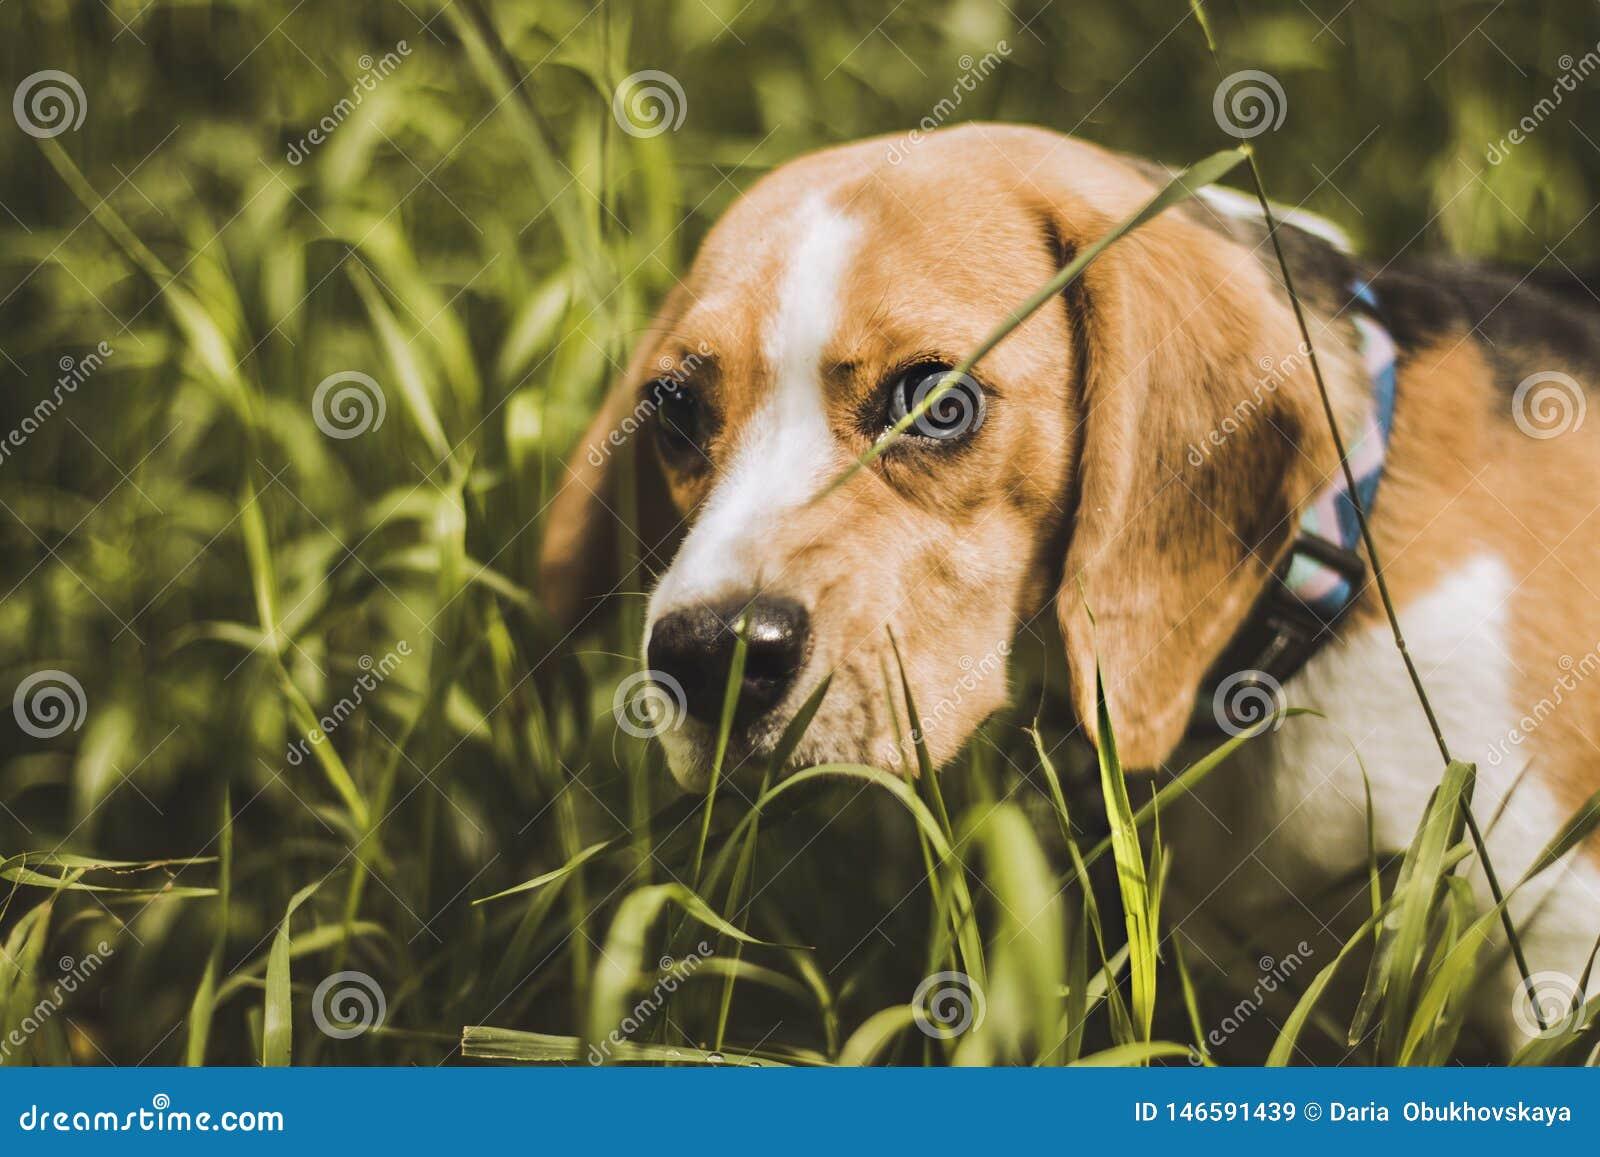 Beagle dog hunter follows the trail